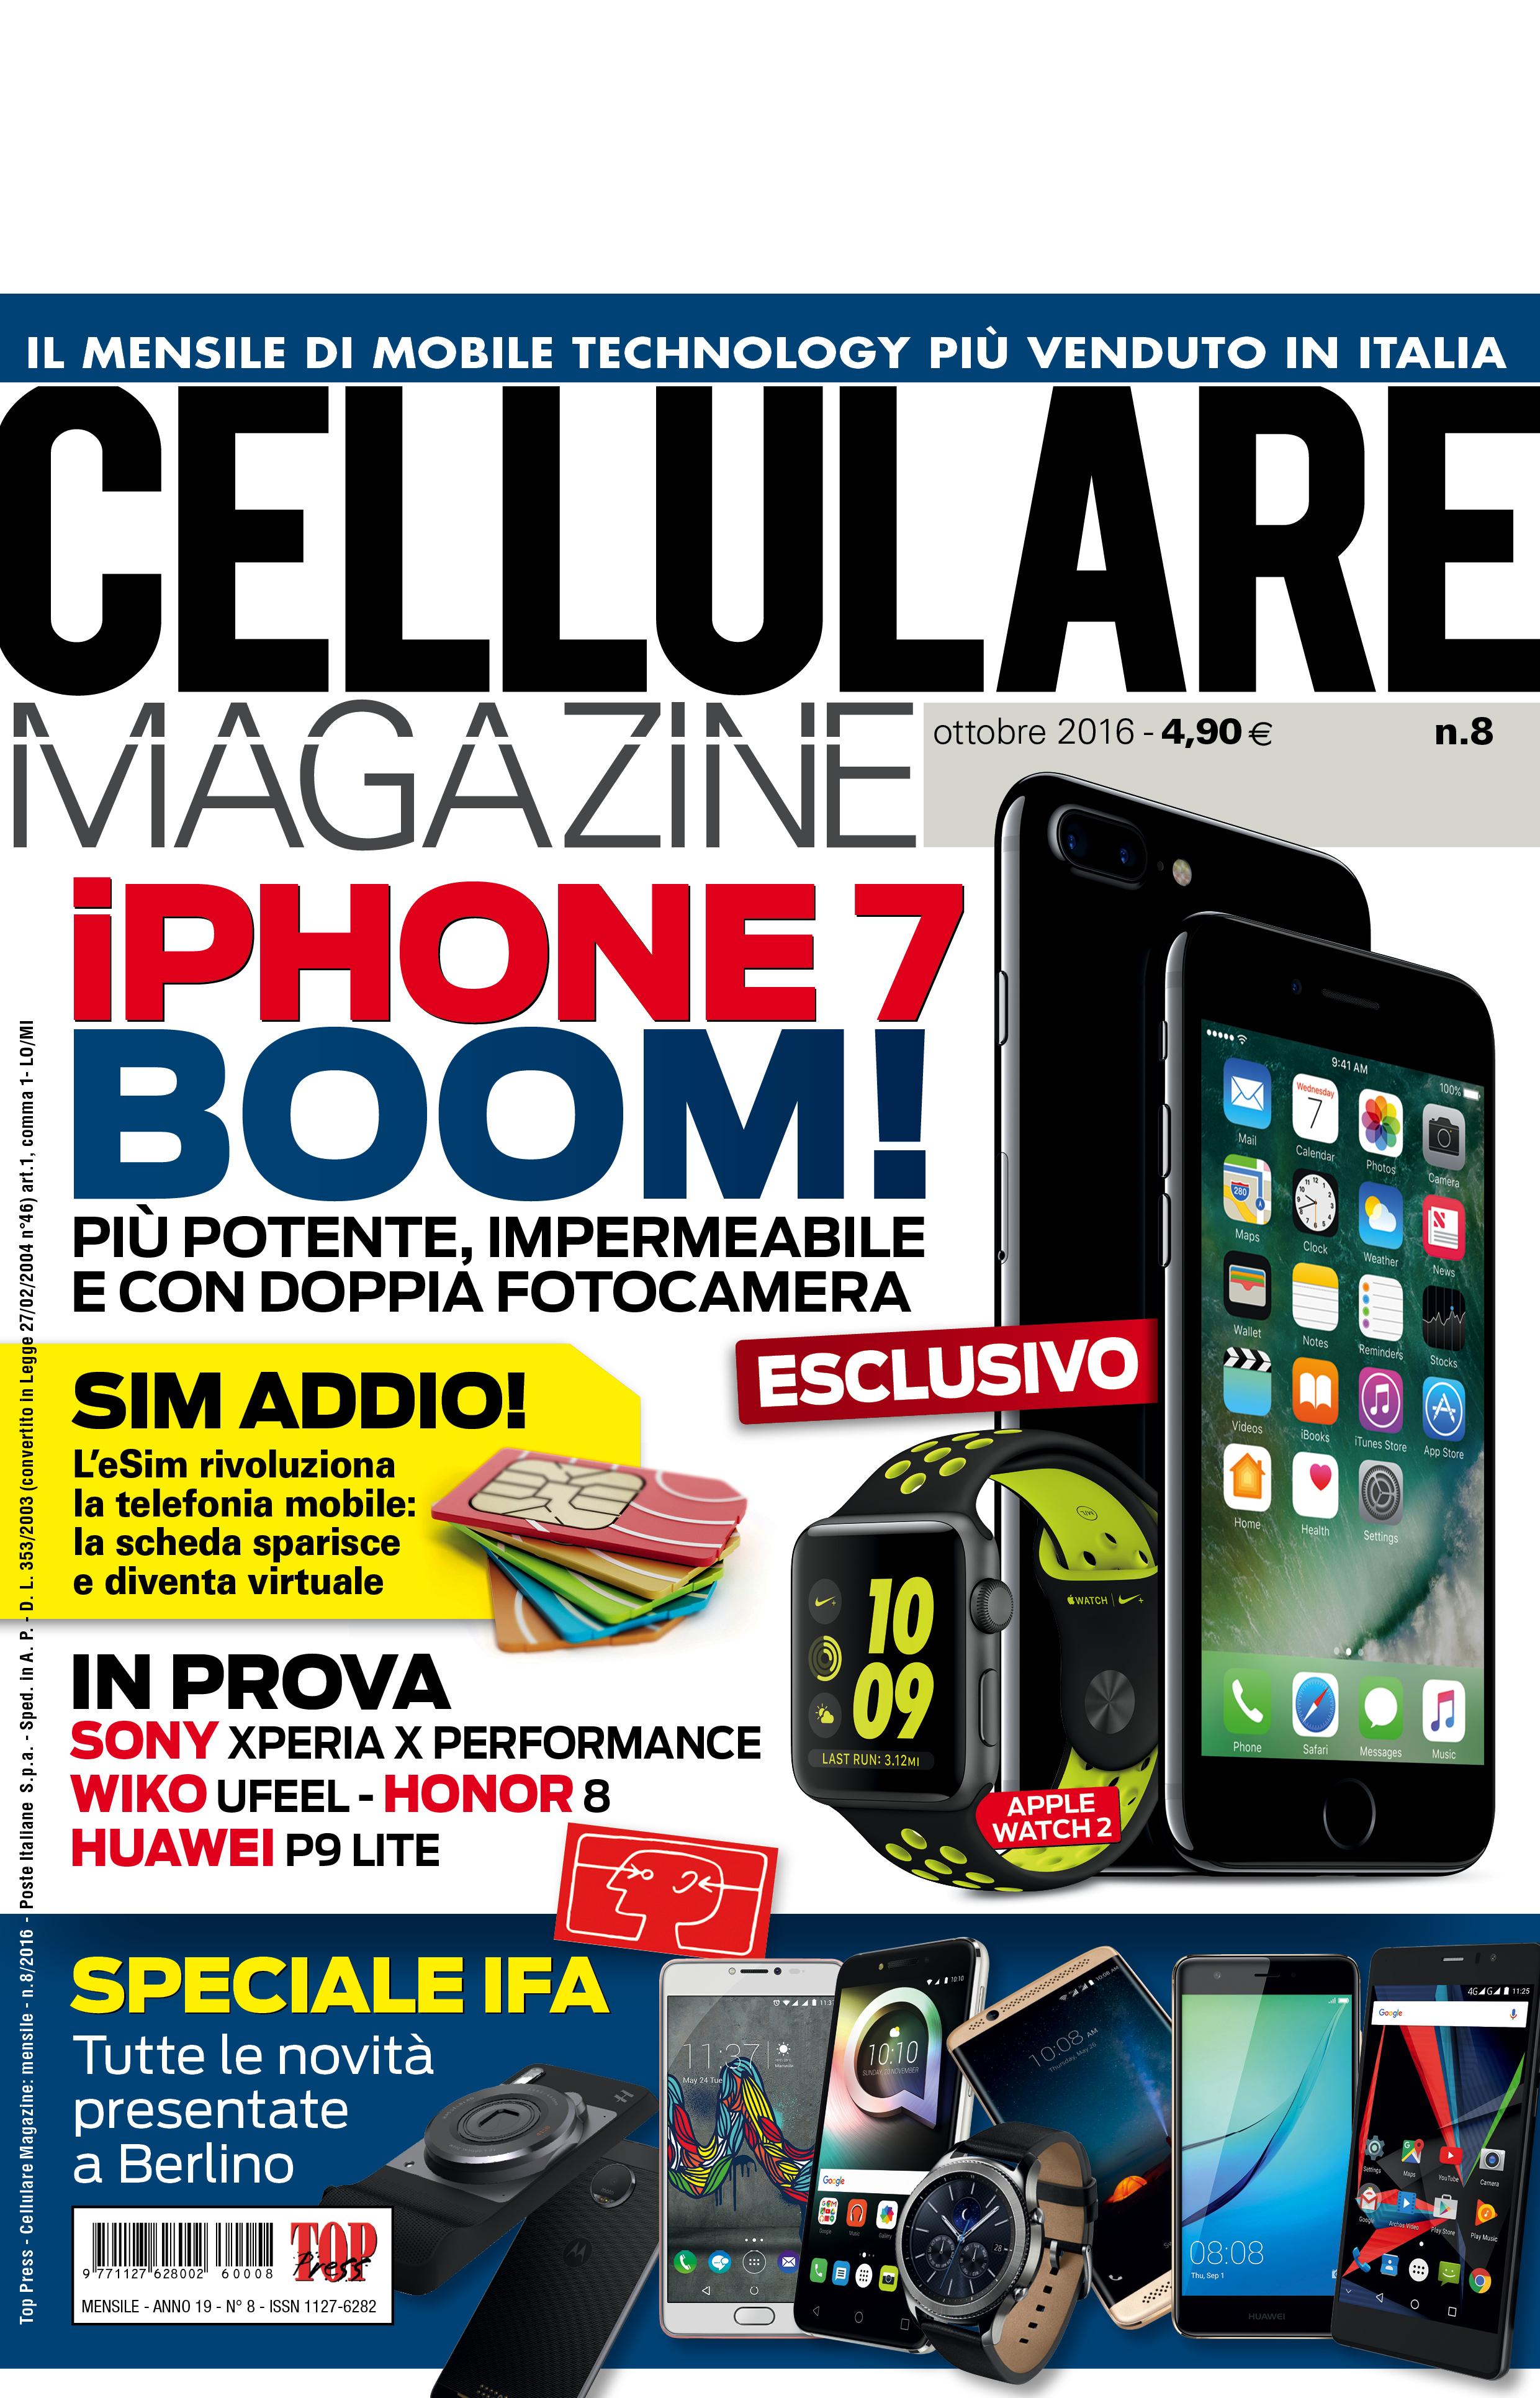 Cellulare Magazine ottobre 2016 è in edicola!